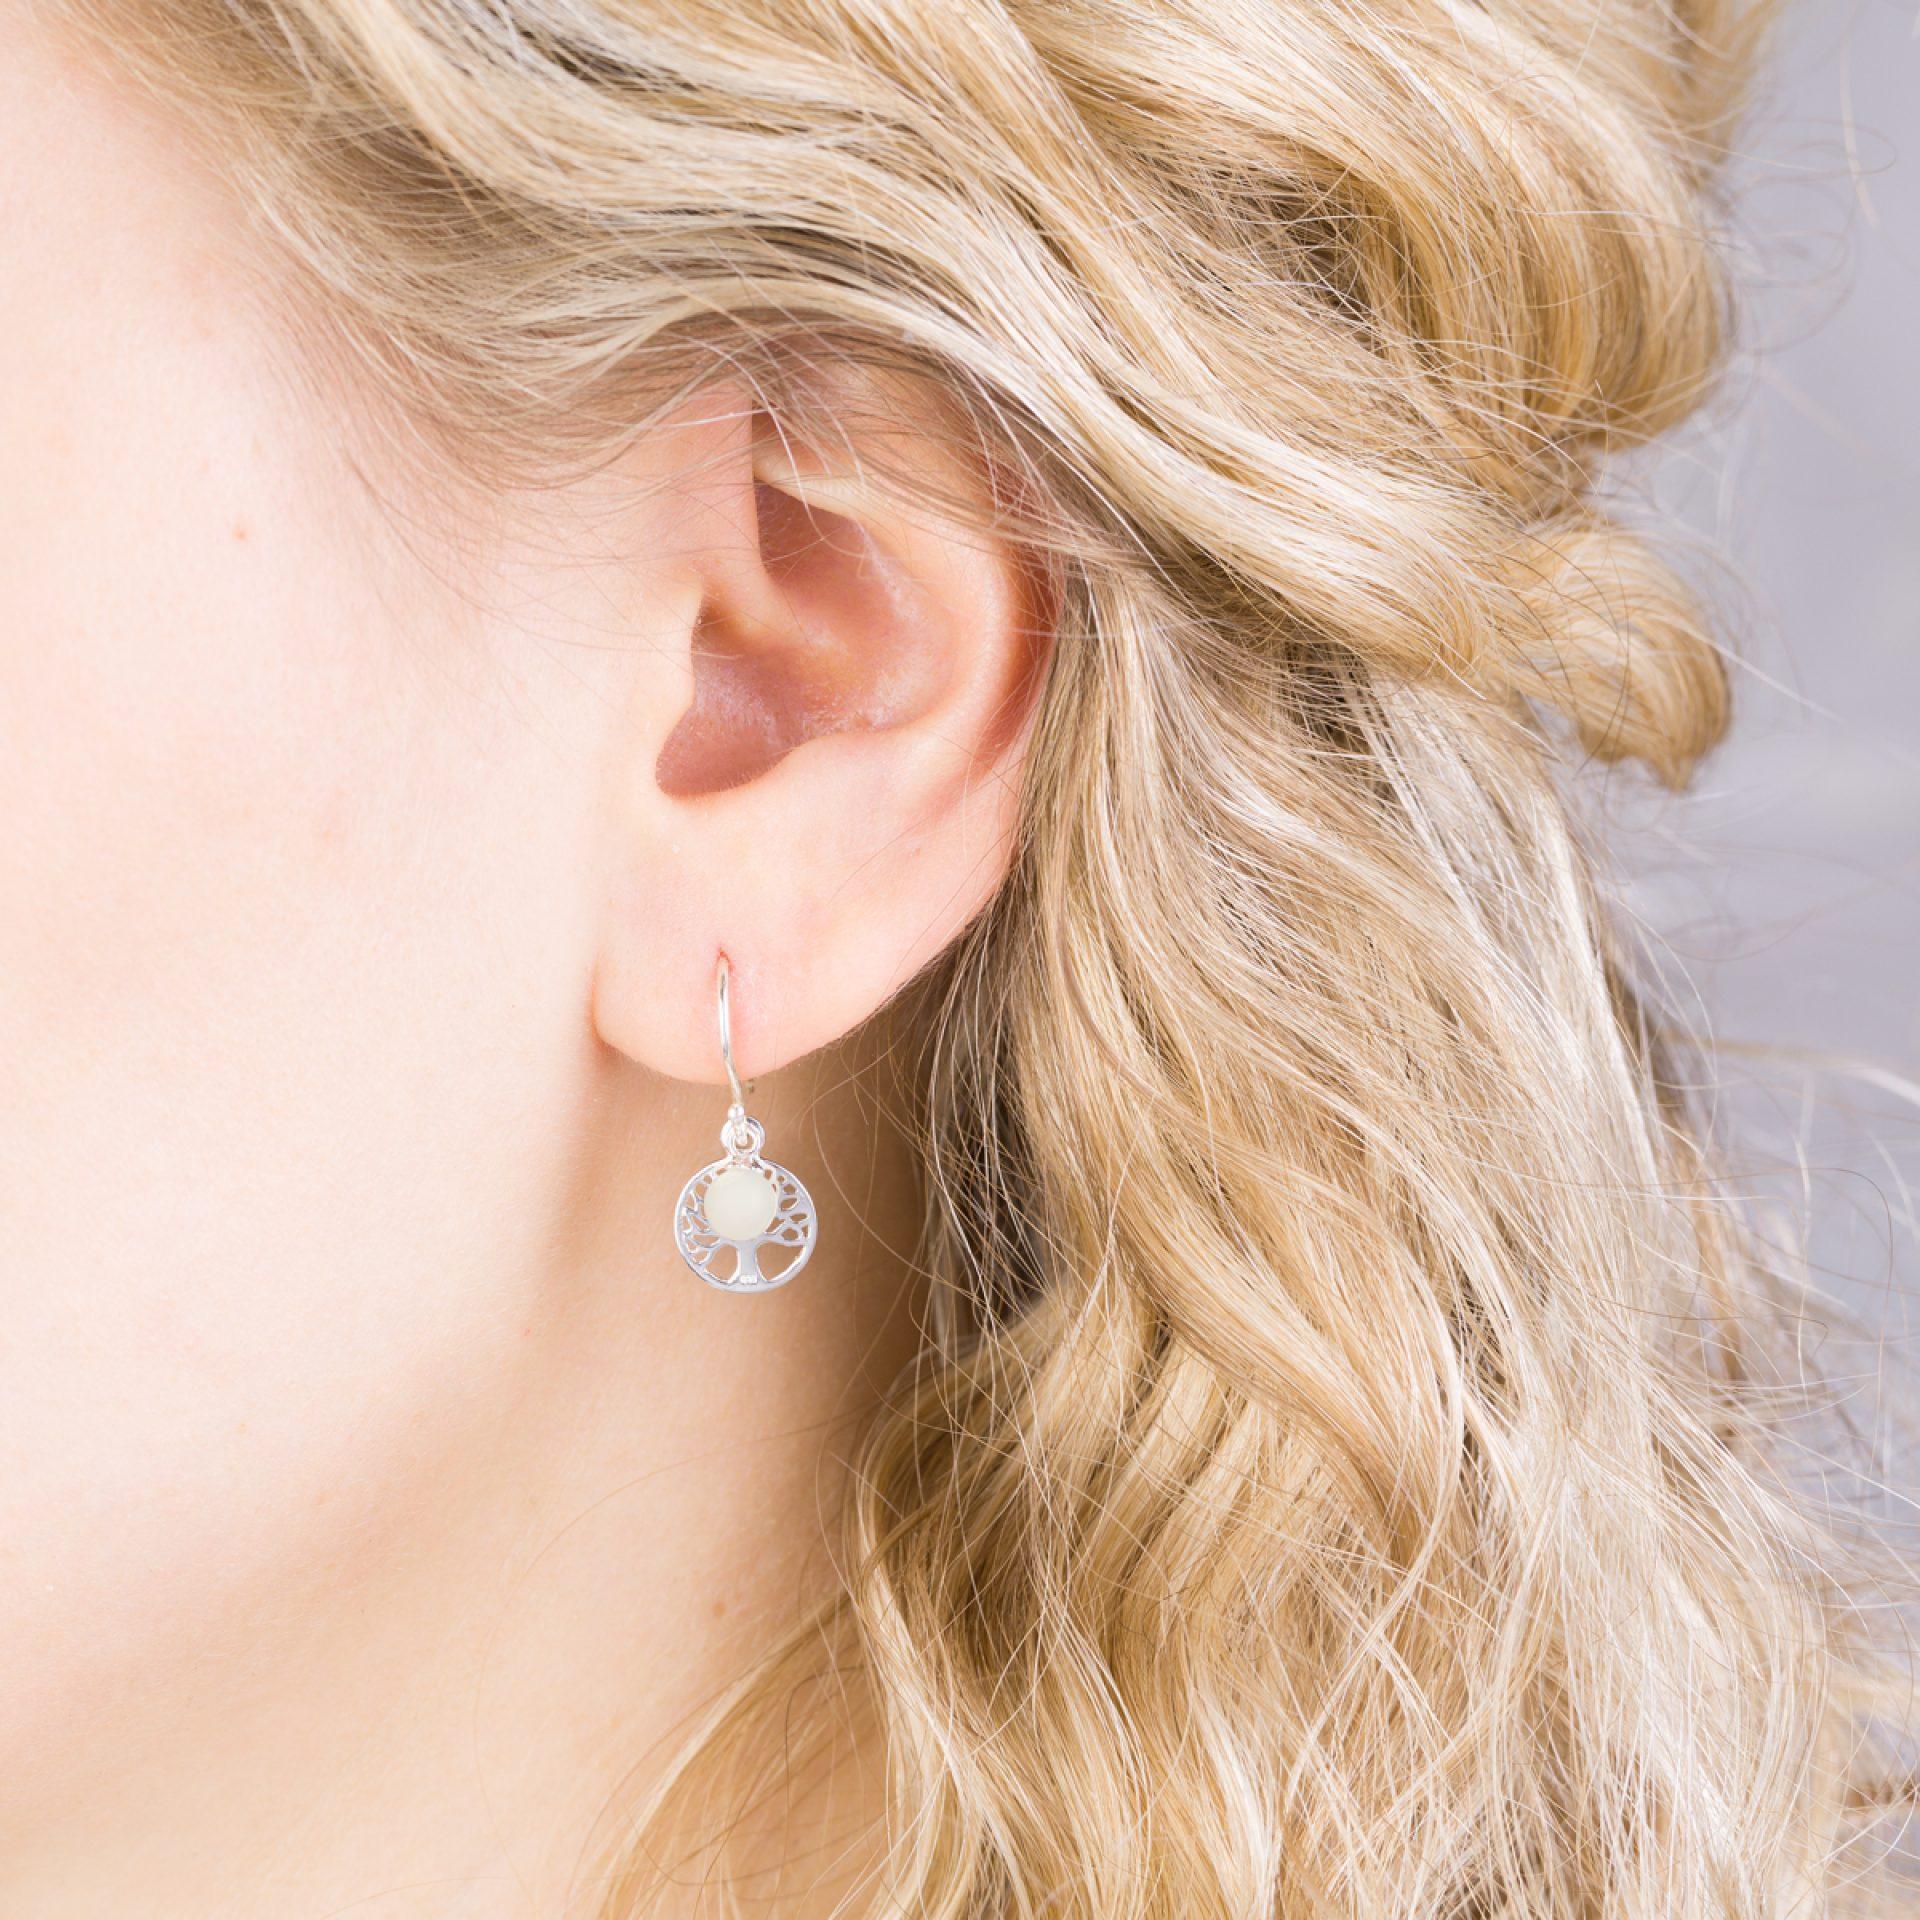 Ohrringe Lebensbaum Silber Muttermilchschmuck